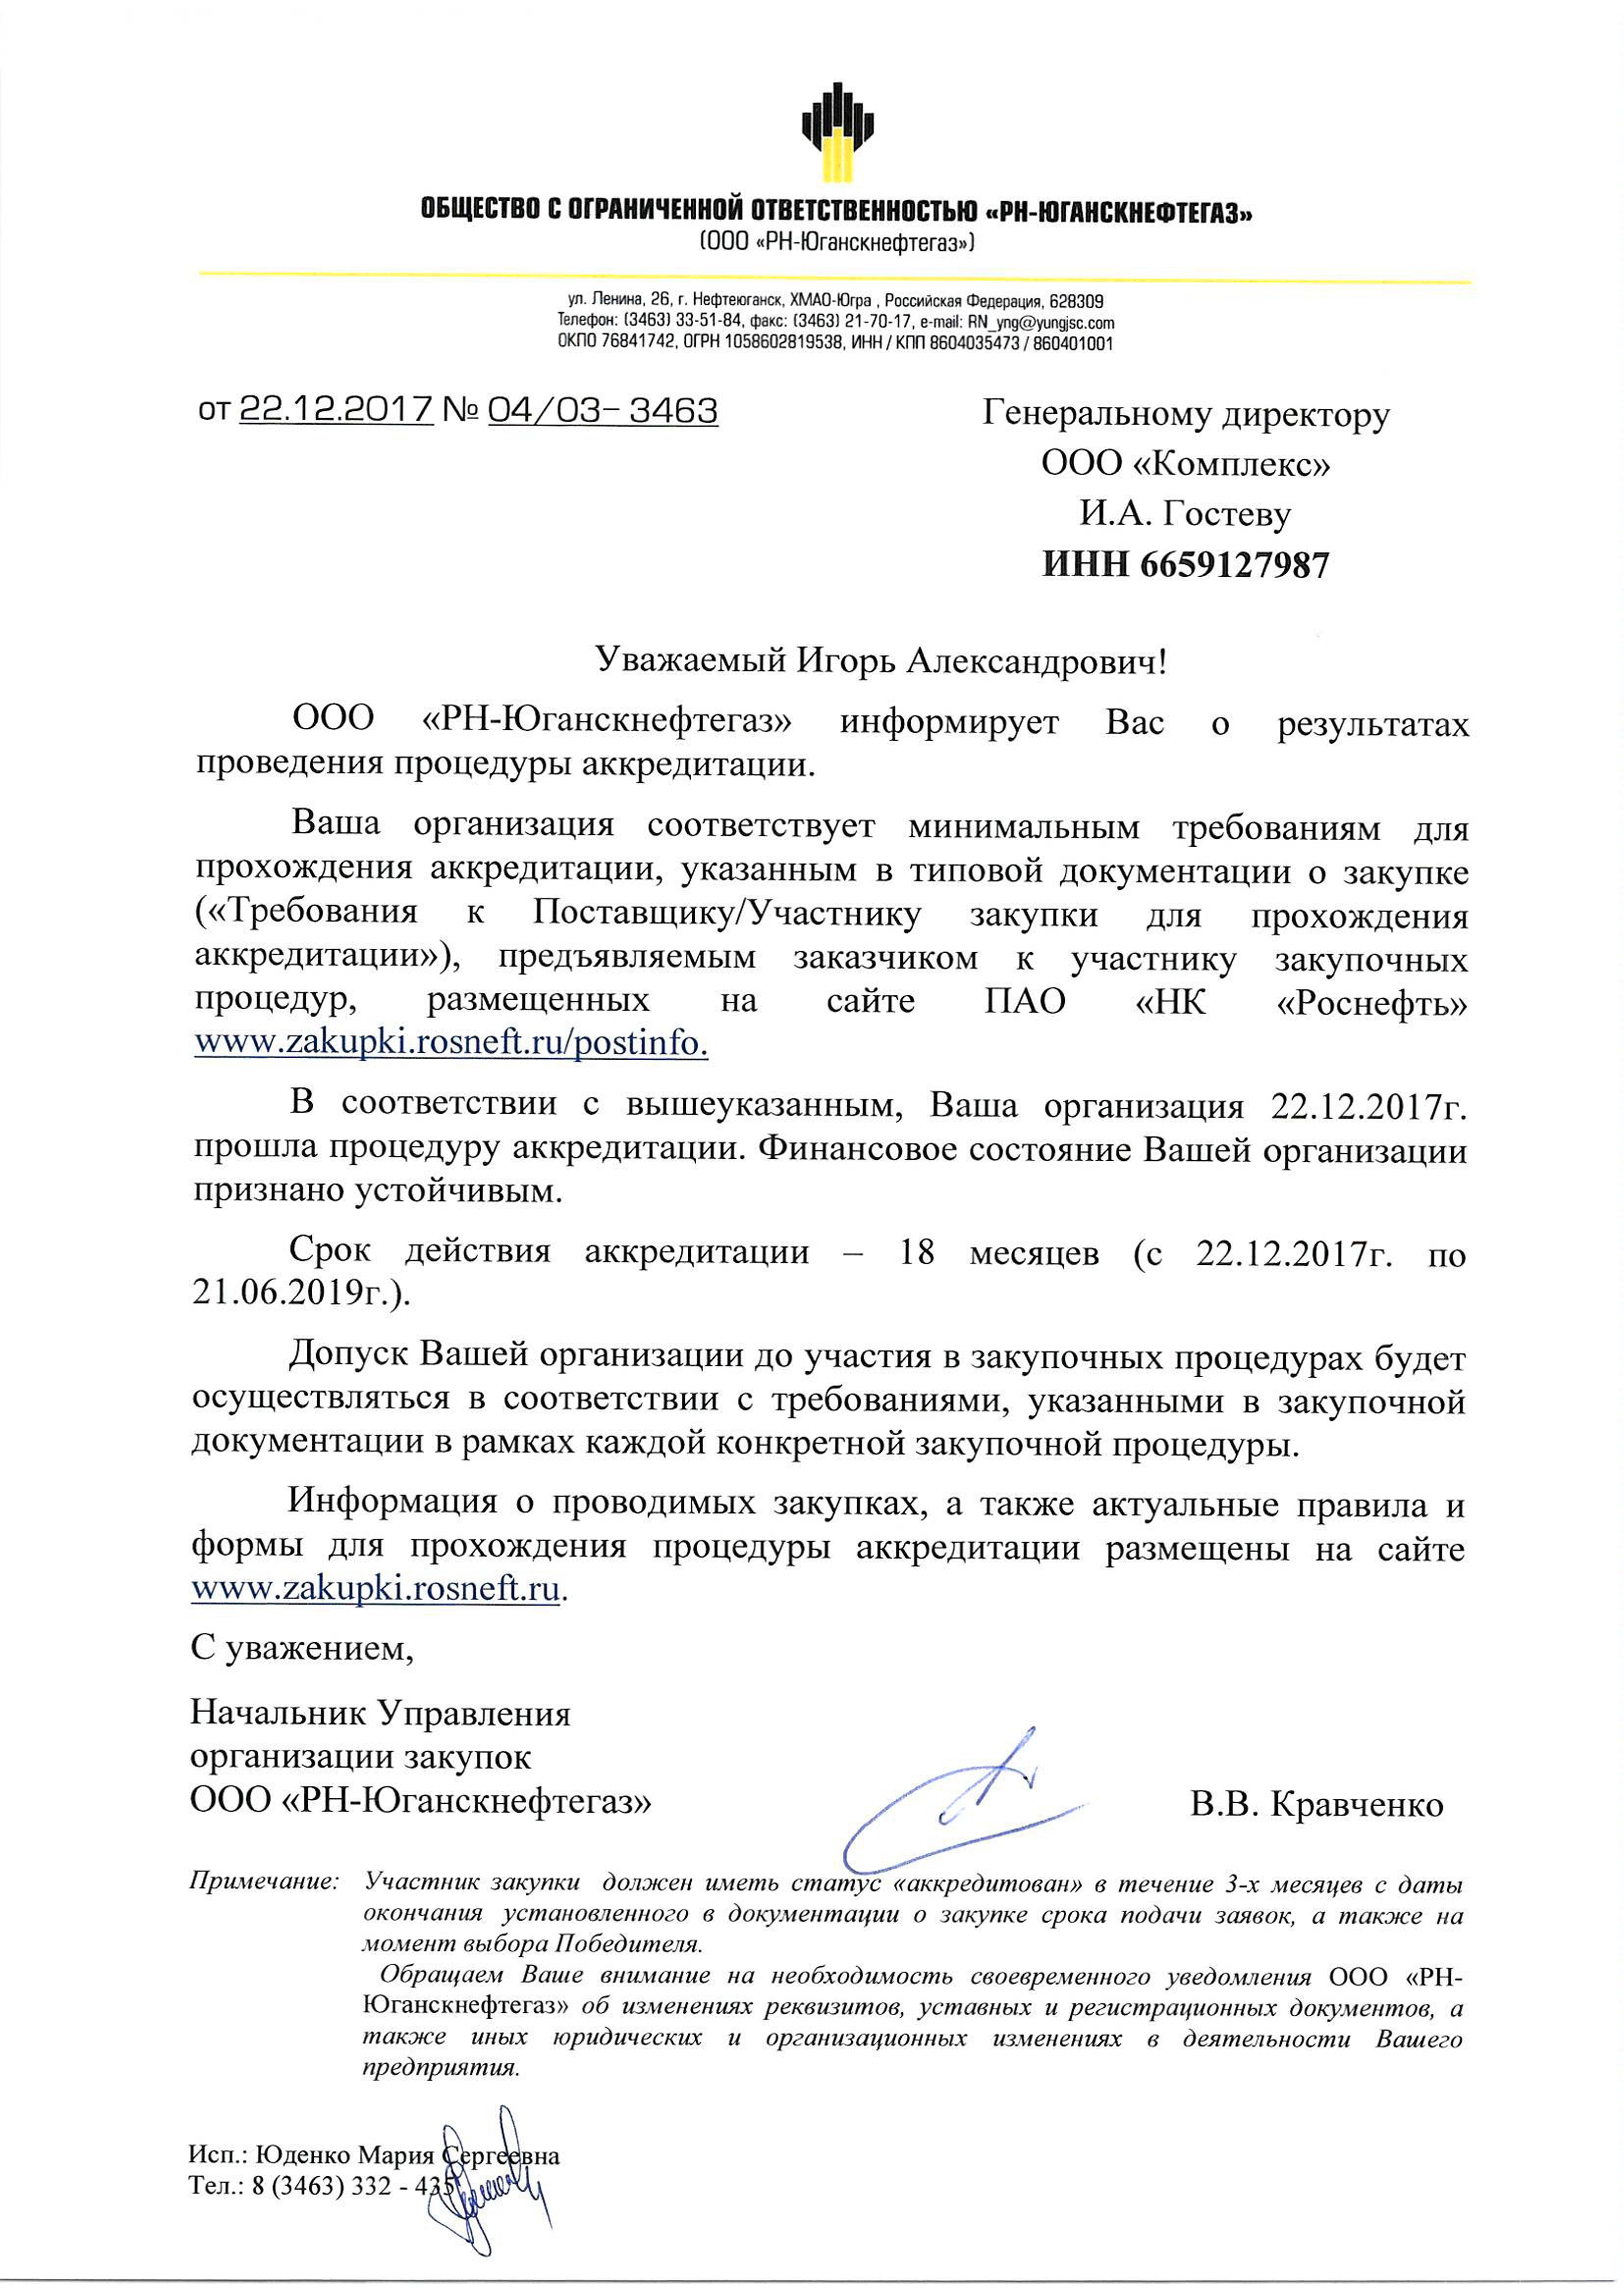 Аккредитация ЮНГ до 21.06.2019